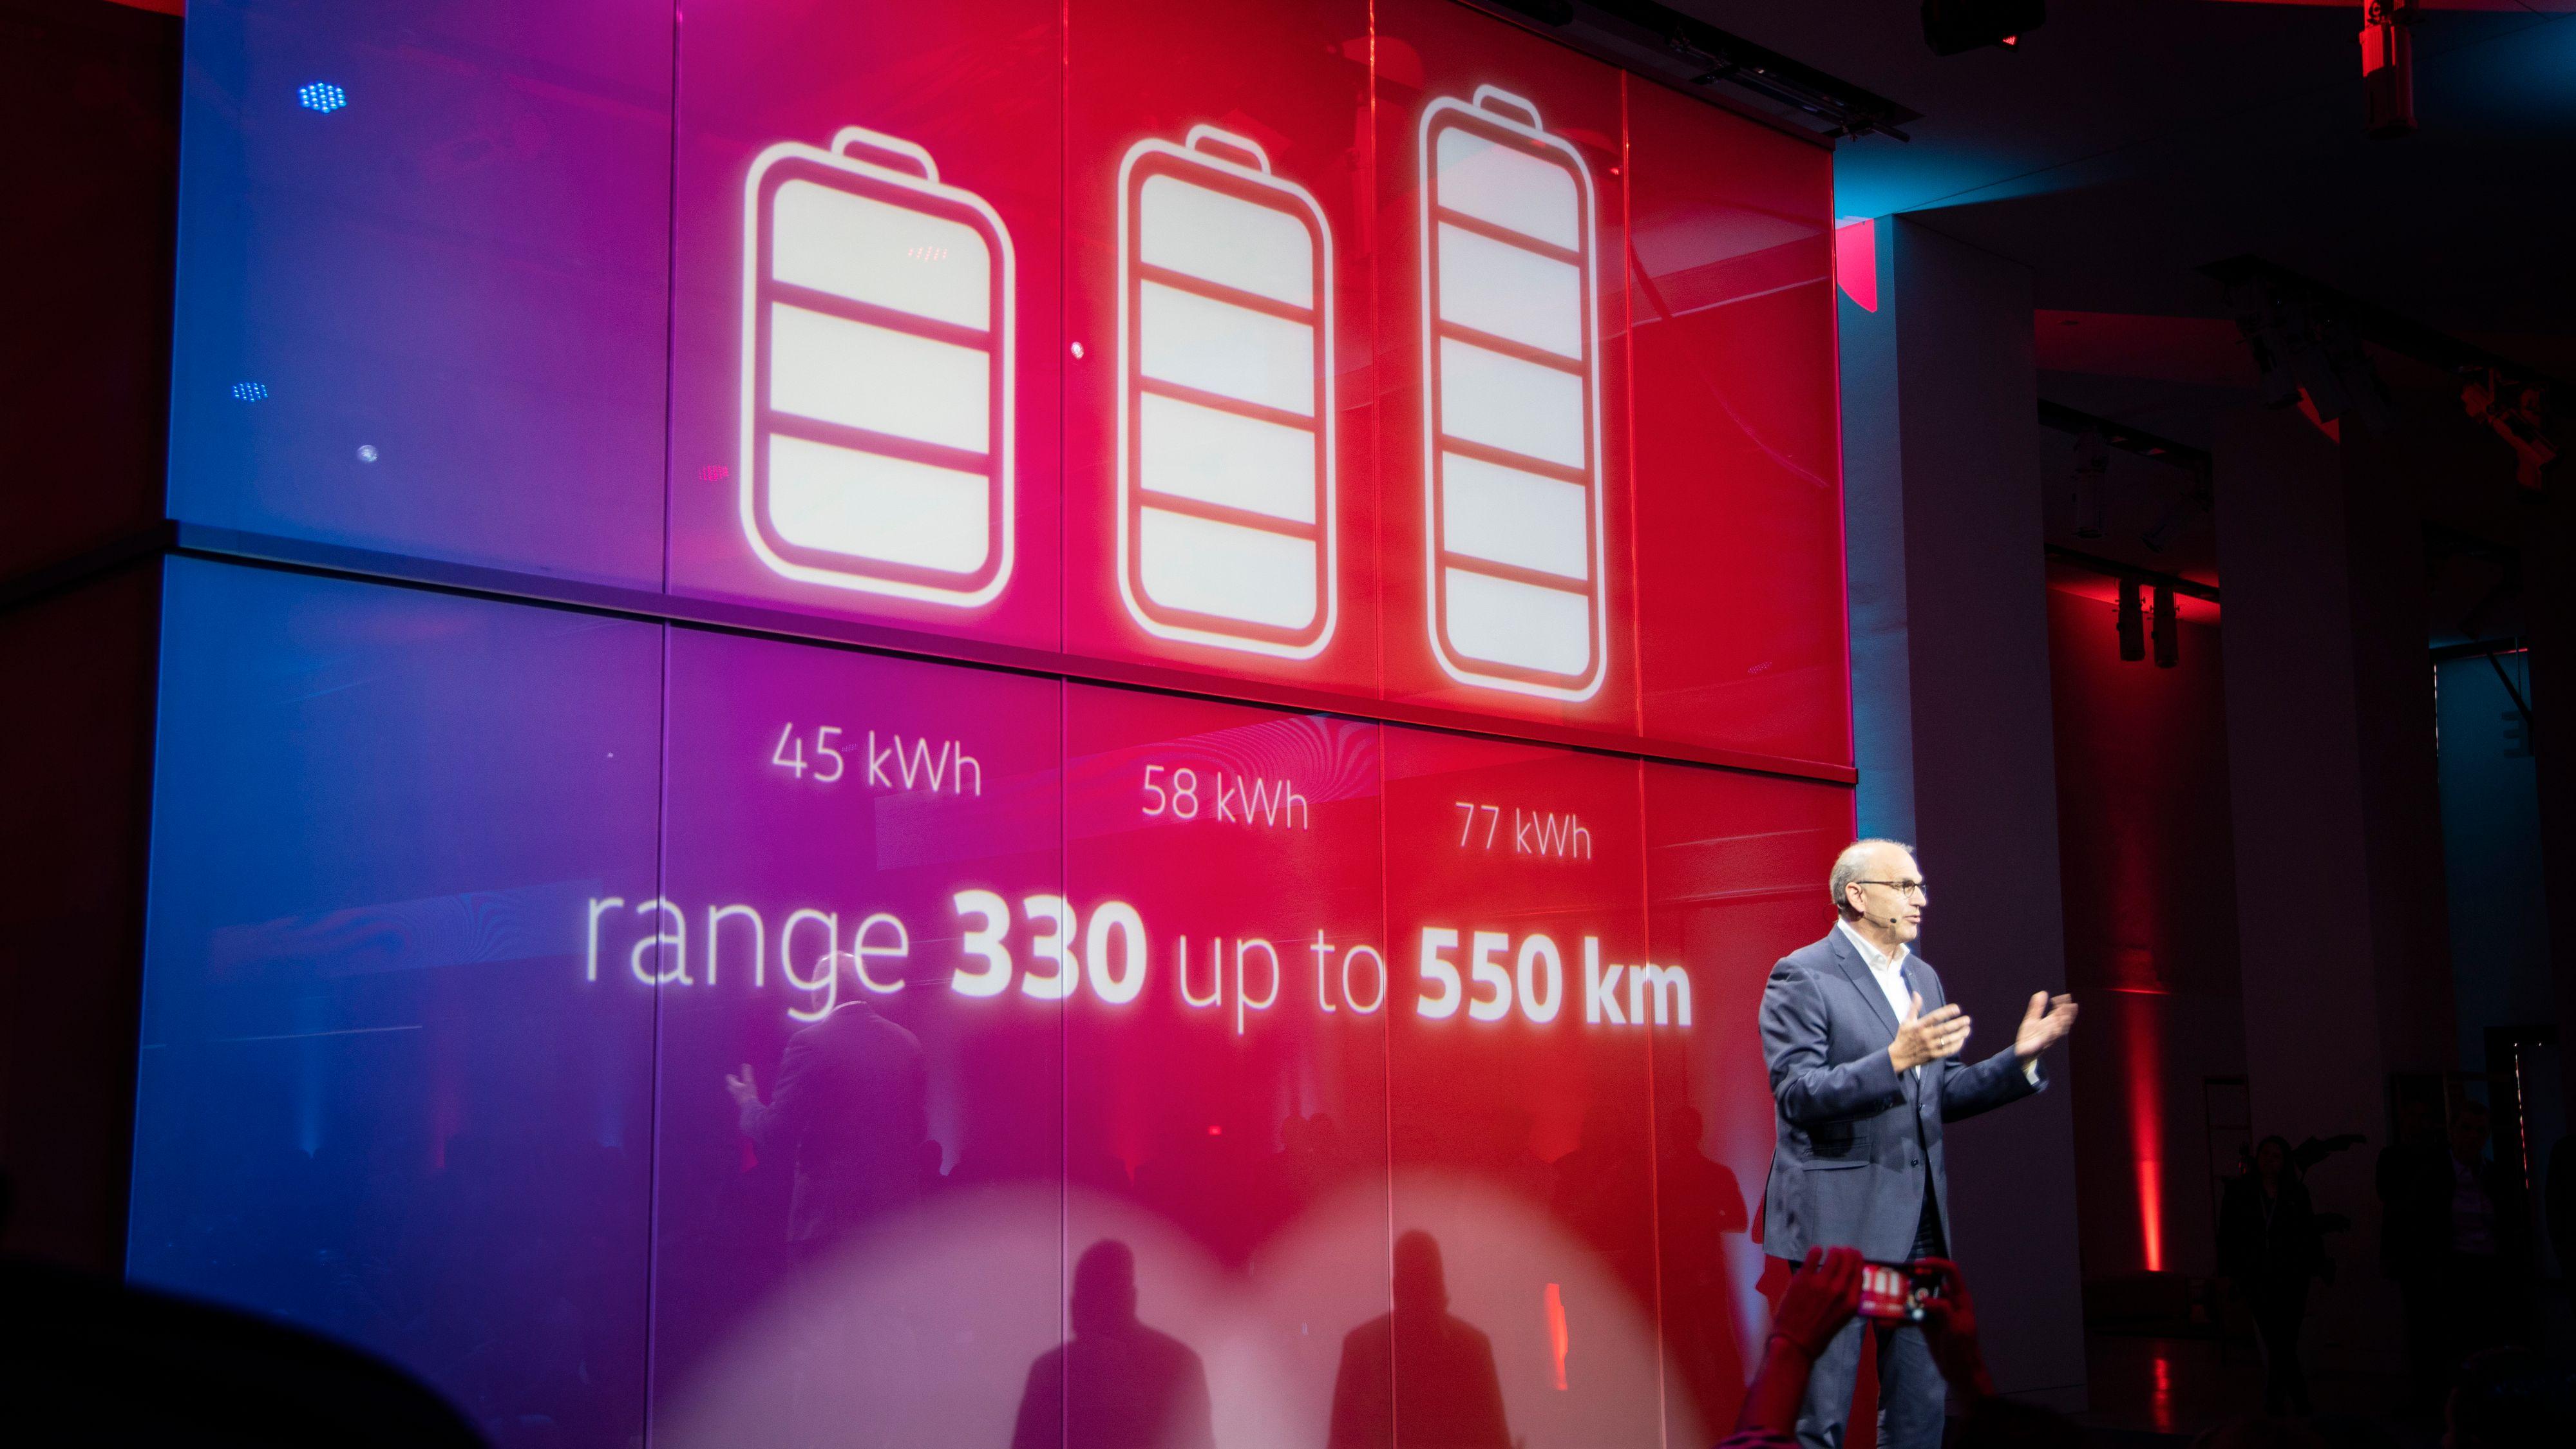 De tre batteripakkene blir på henholdsvis 45, 58 og 77 kWh netto.